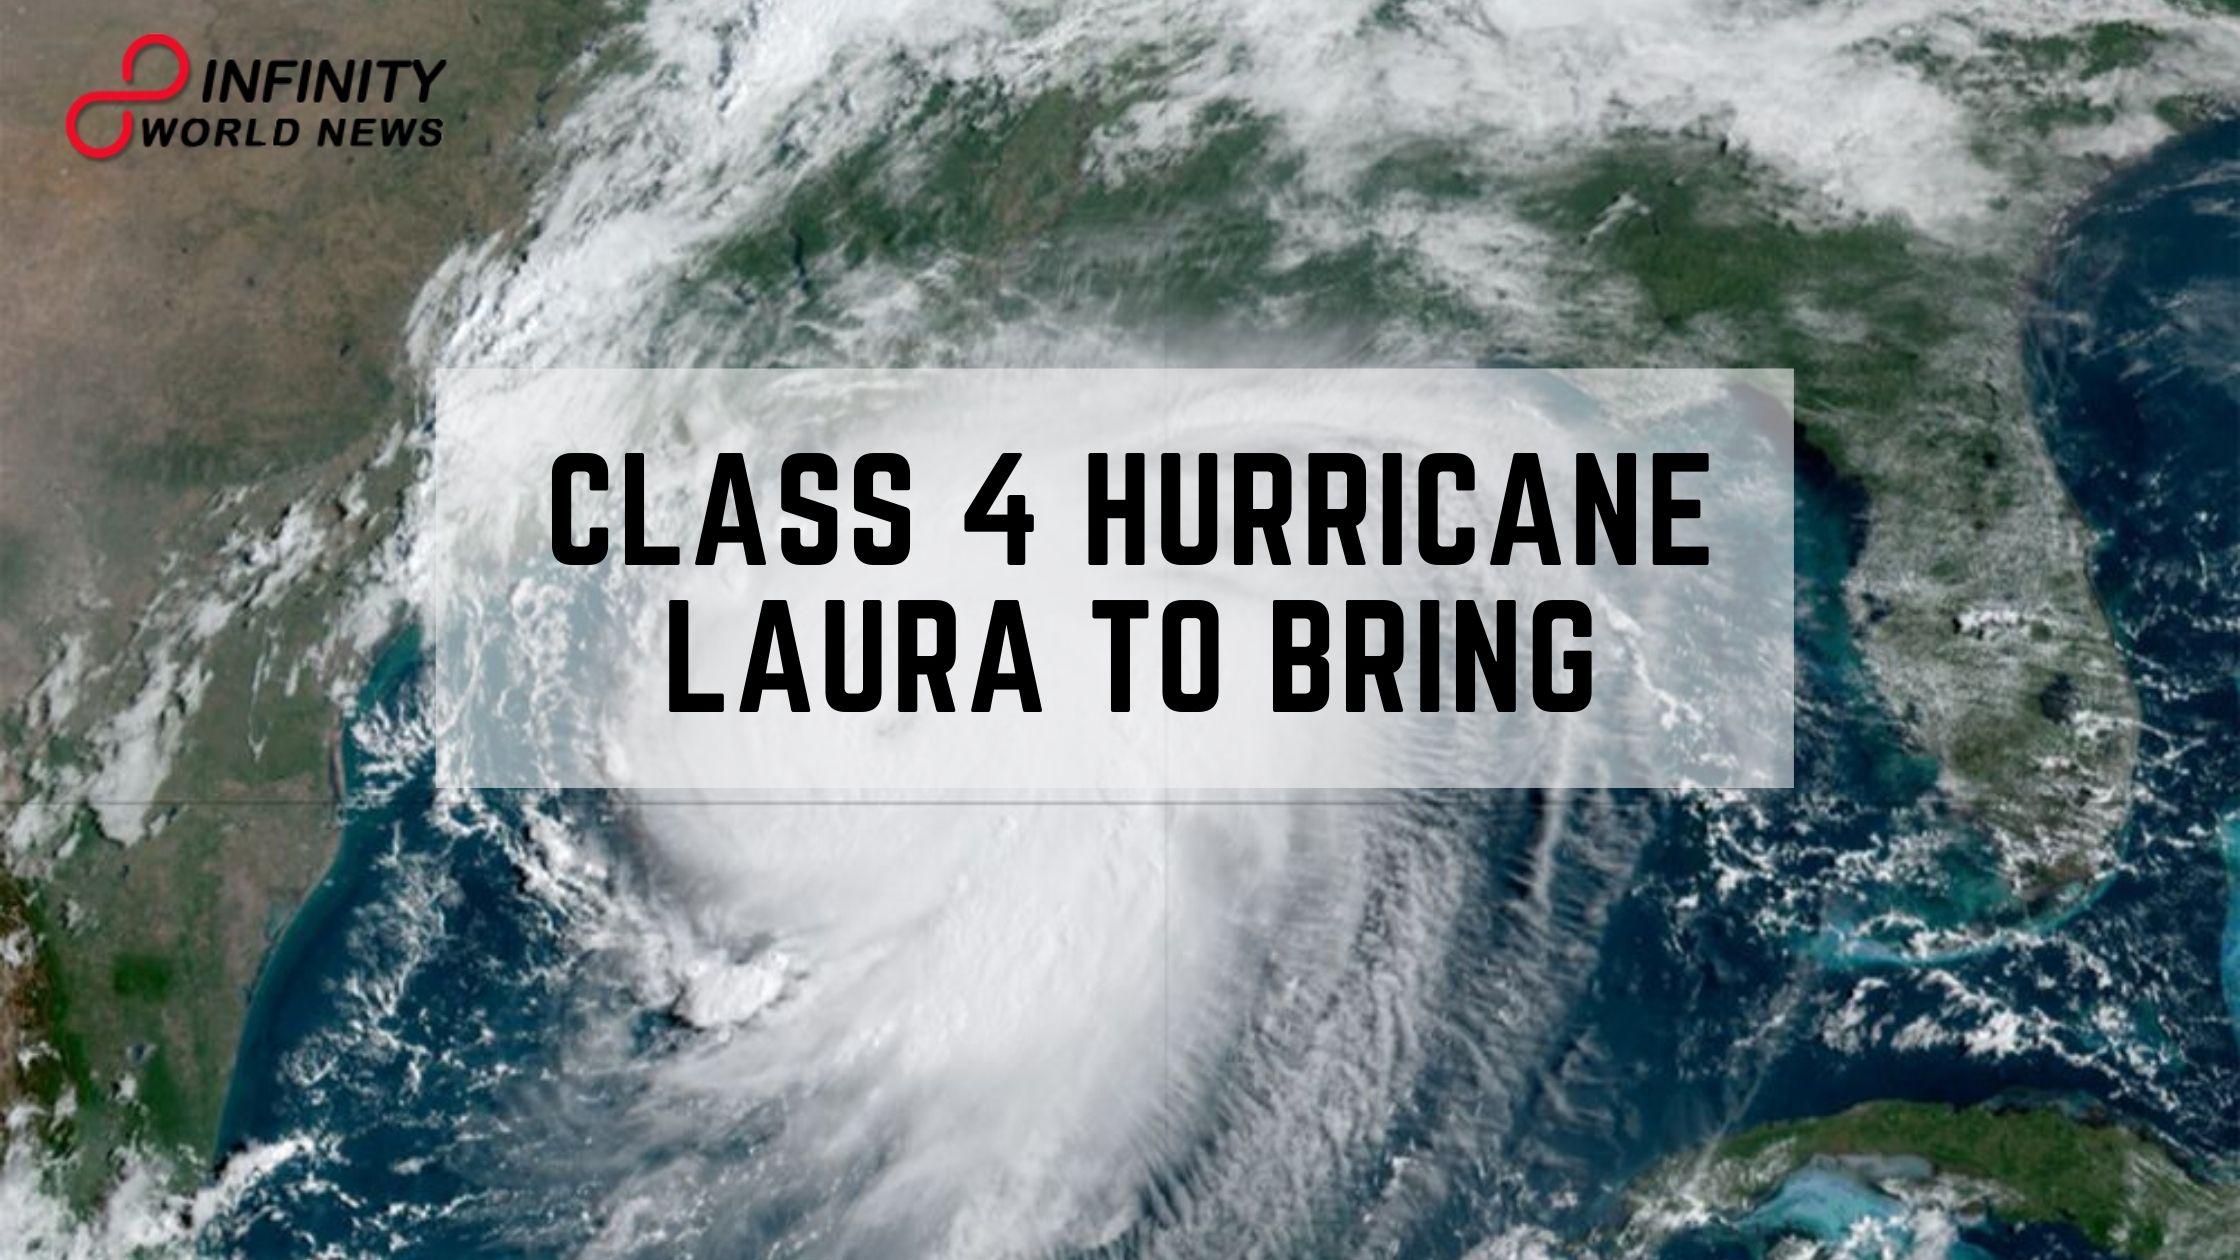 Class 4 Hurricane Laura to Bring 'Unsurvivable' Storm Surge, 'Cataclysmic Damage'